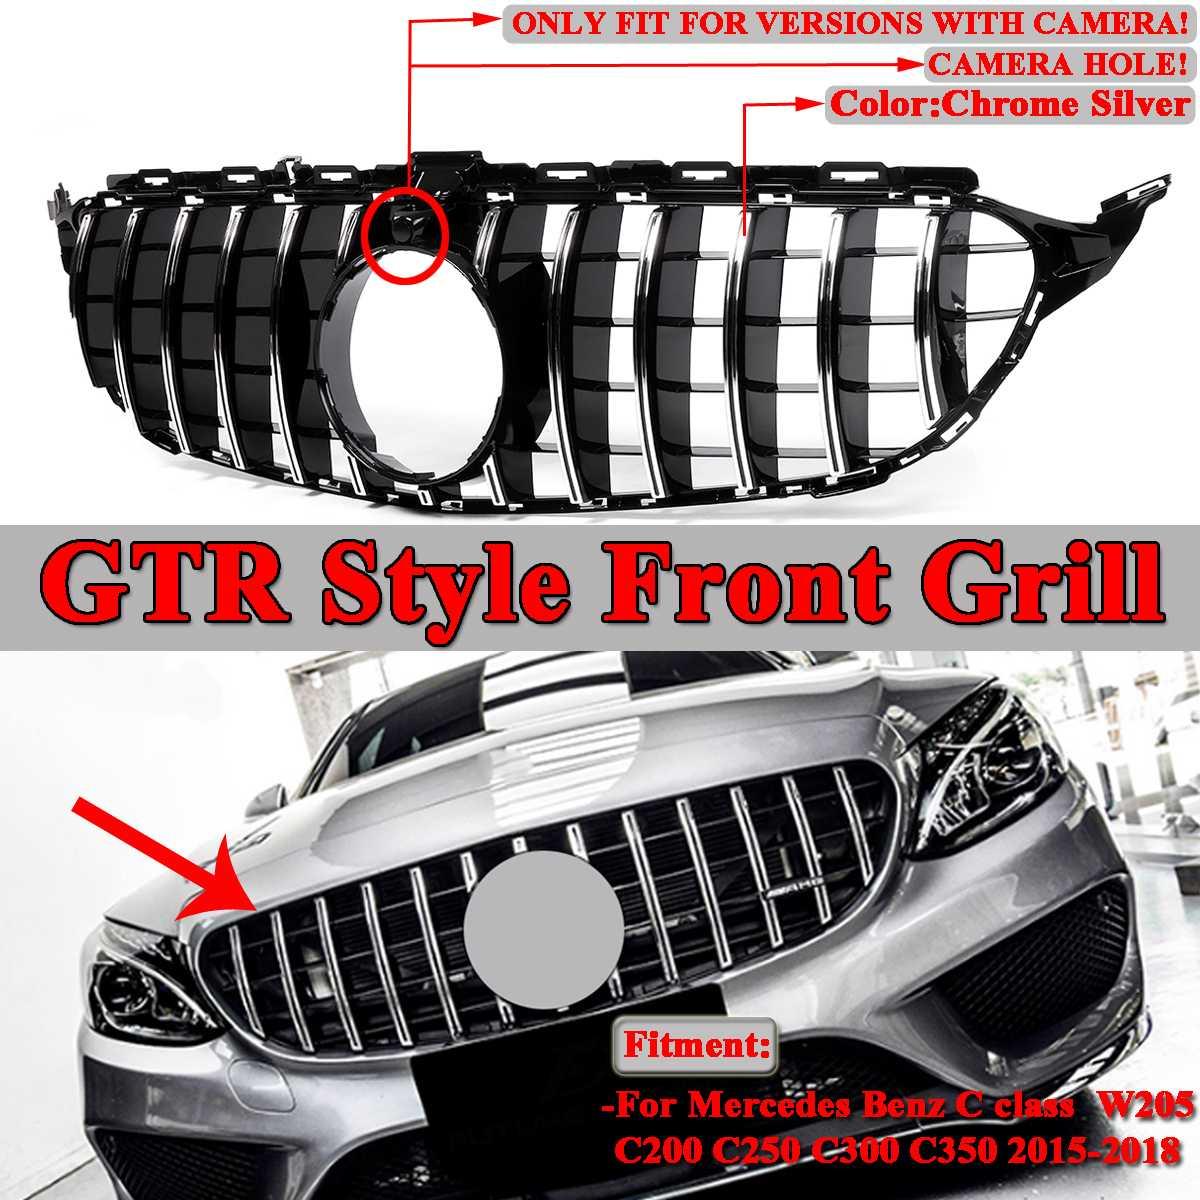 W205 GTR GT R Style voiture Grille avant noir/Chrome argent pour Mercedes pour Benz W205 C200 C250 C300 C350 2015-2018 2Dr/4Dr